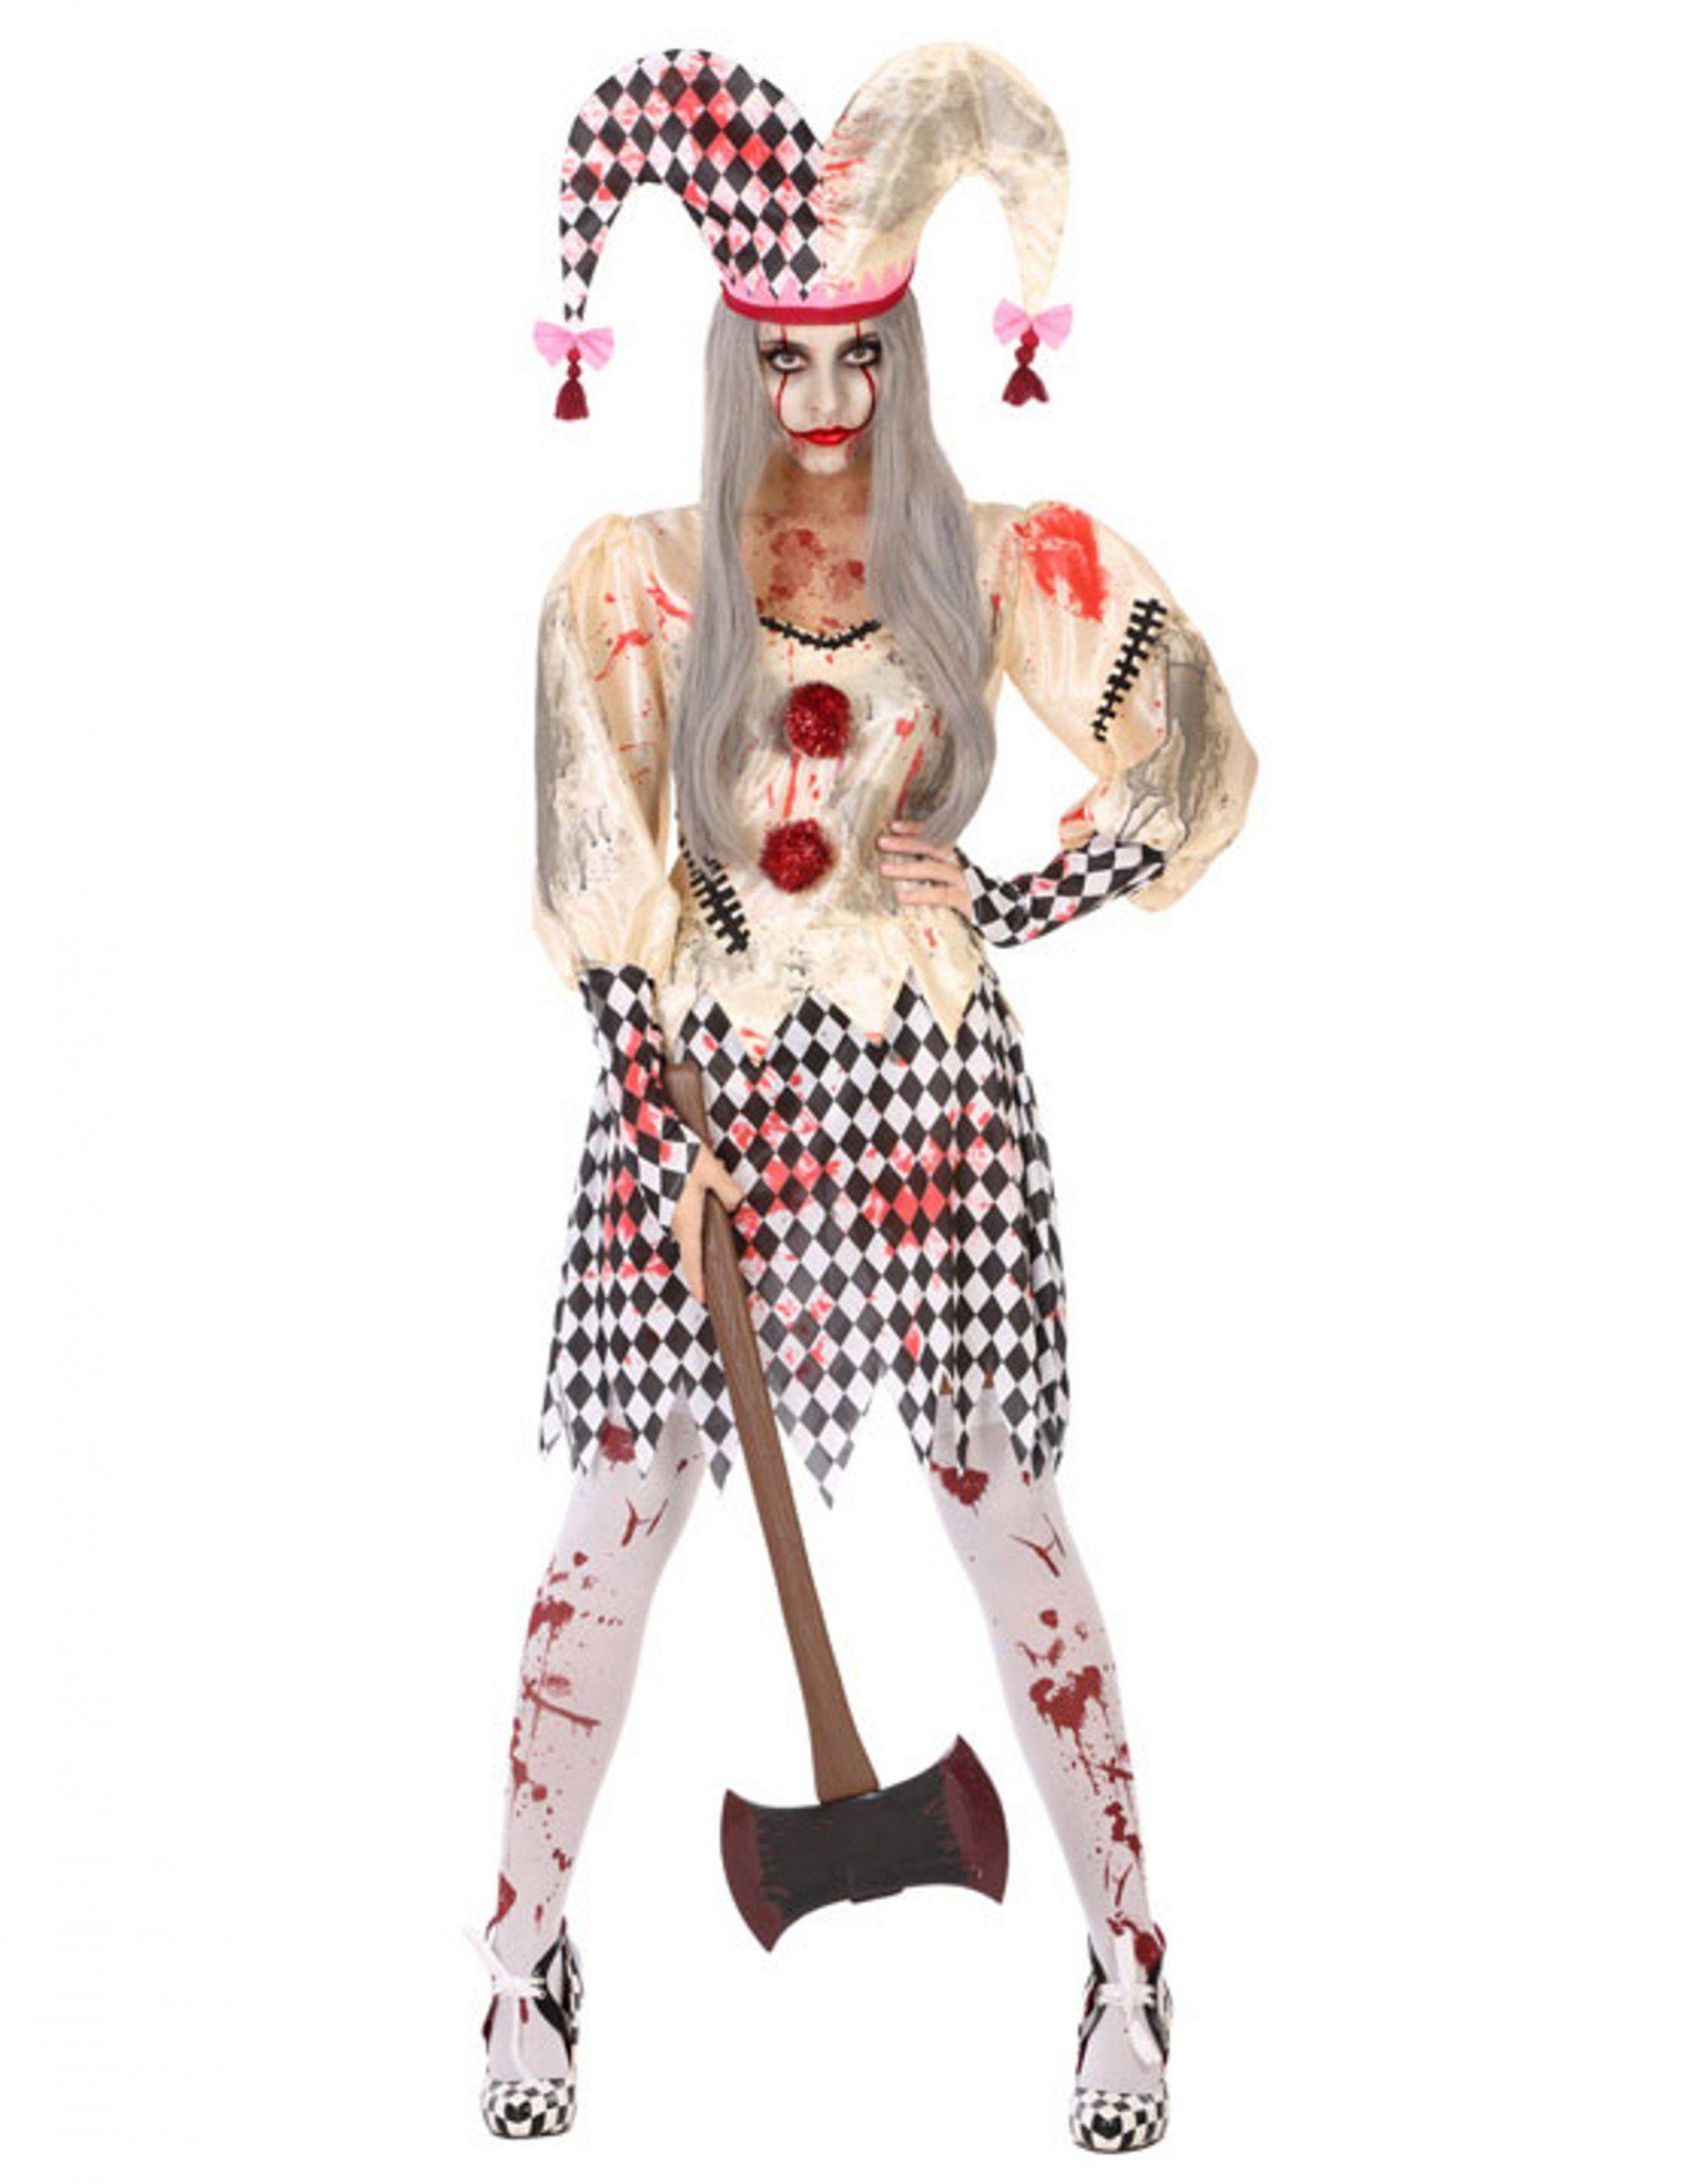 Costume da giullare insanguinato per donna  Questo travestimento da giullare  insanguinato per donna é composto 1a8ab6d9995f